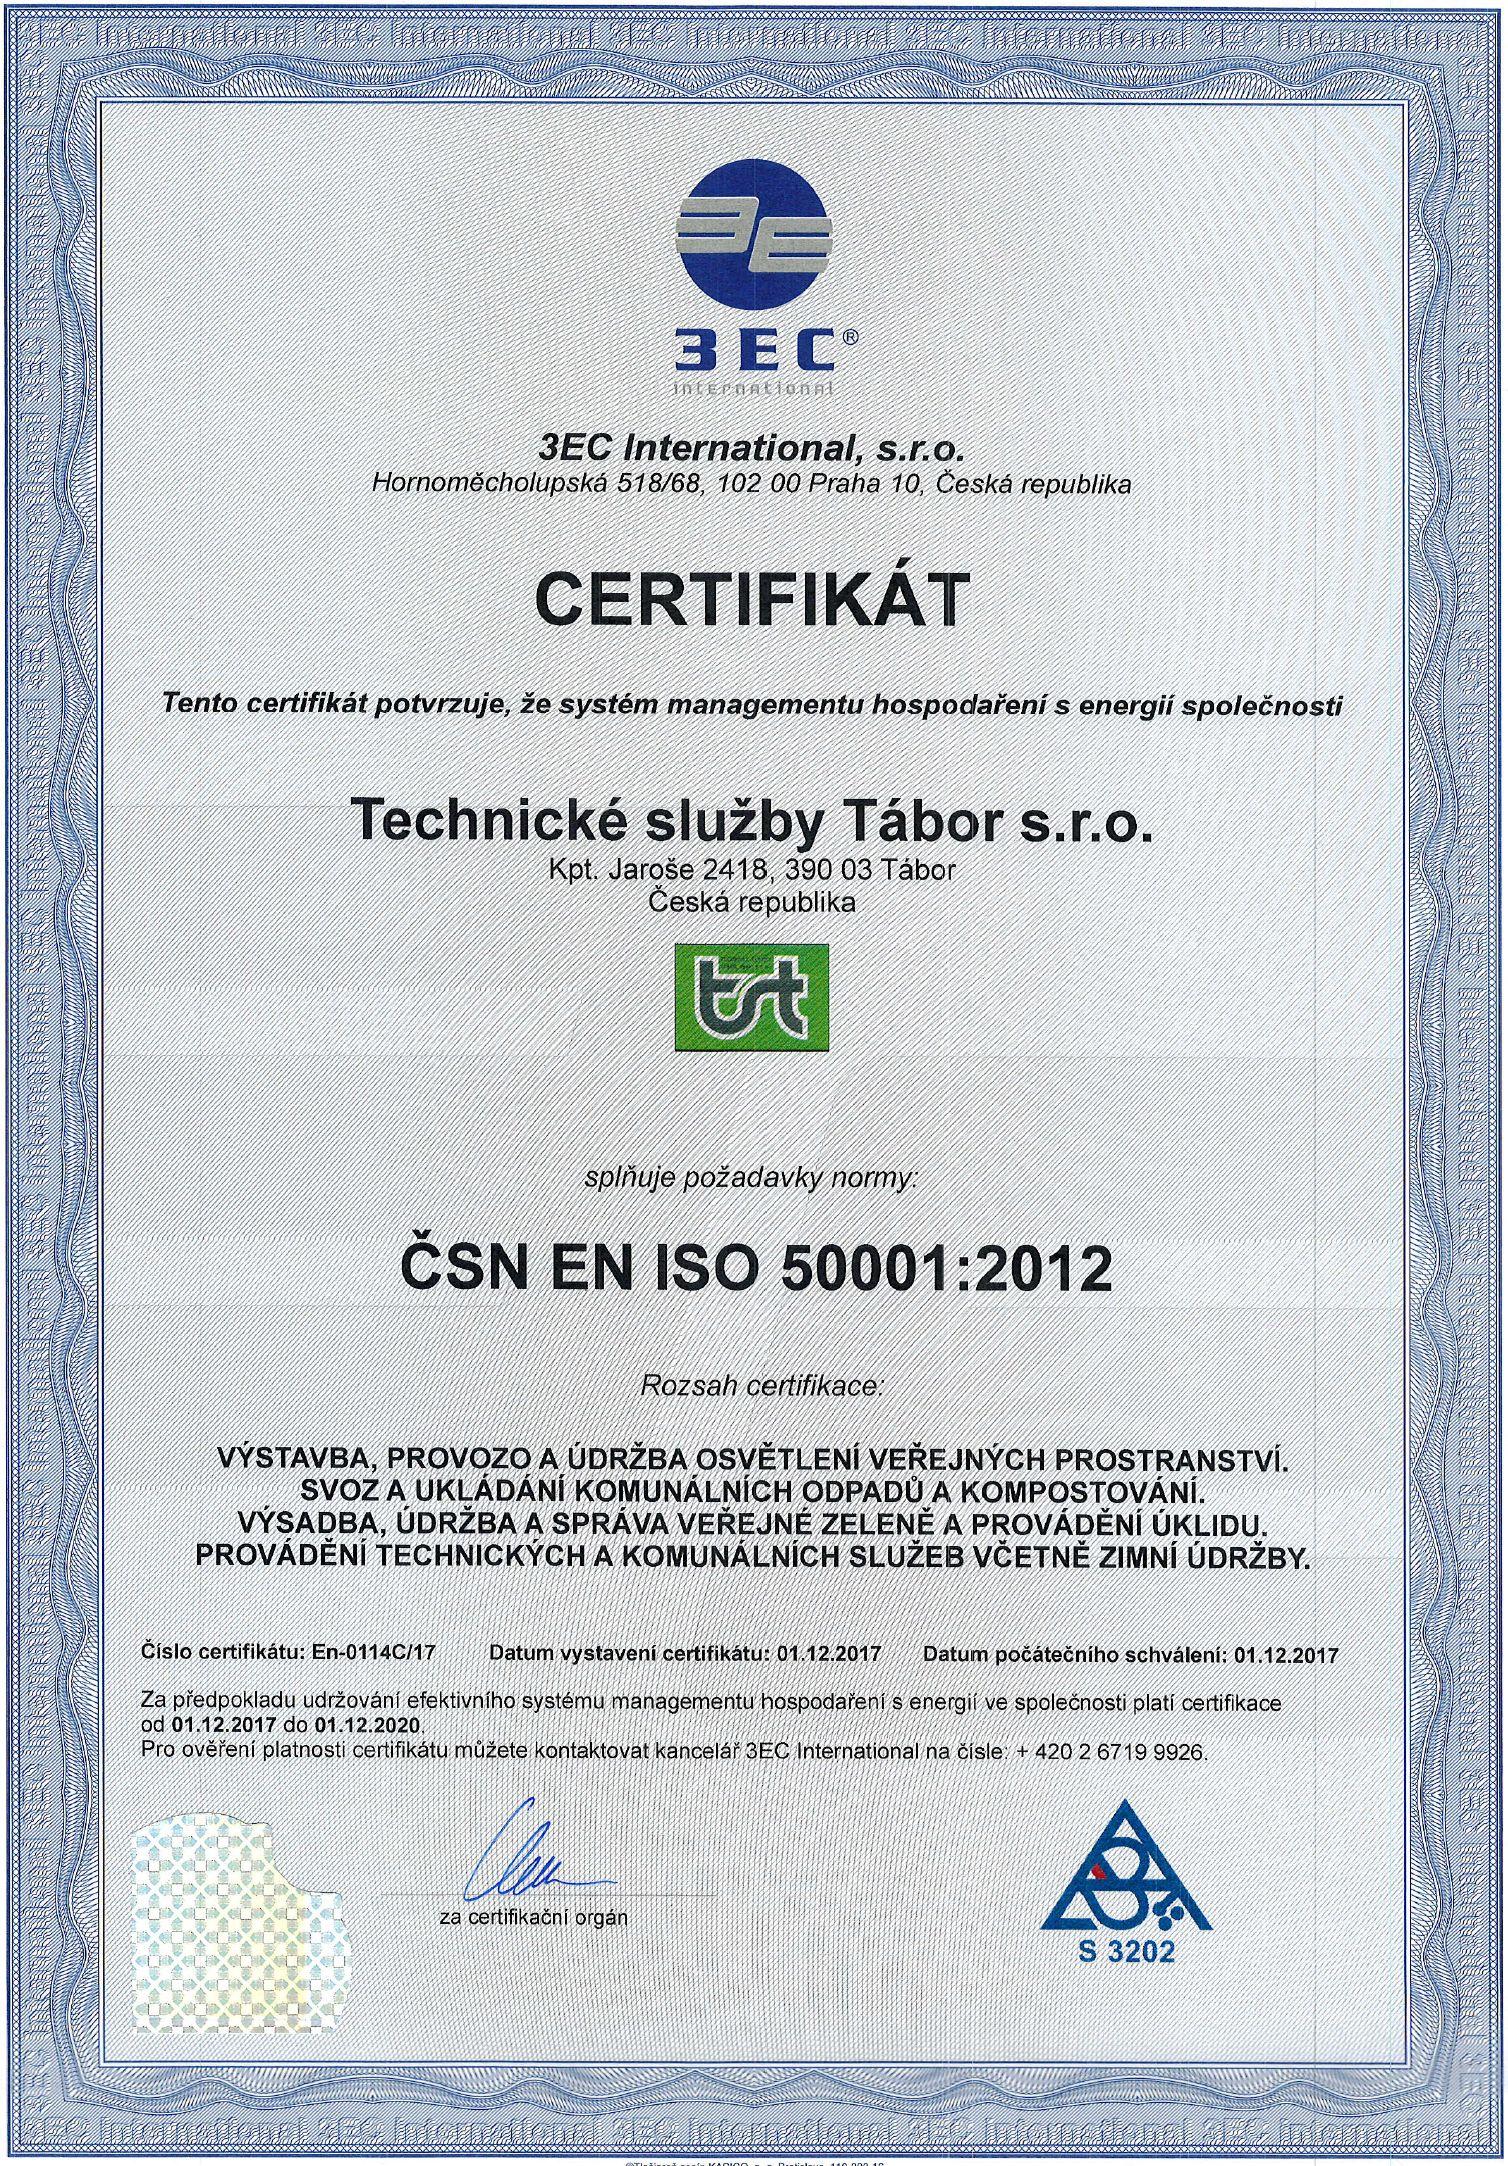 Certifikát ČSN EN ISO 50001:2012